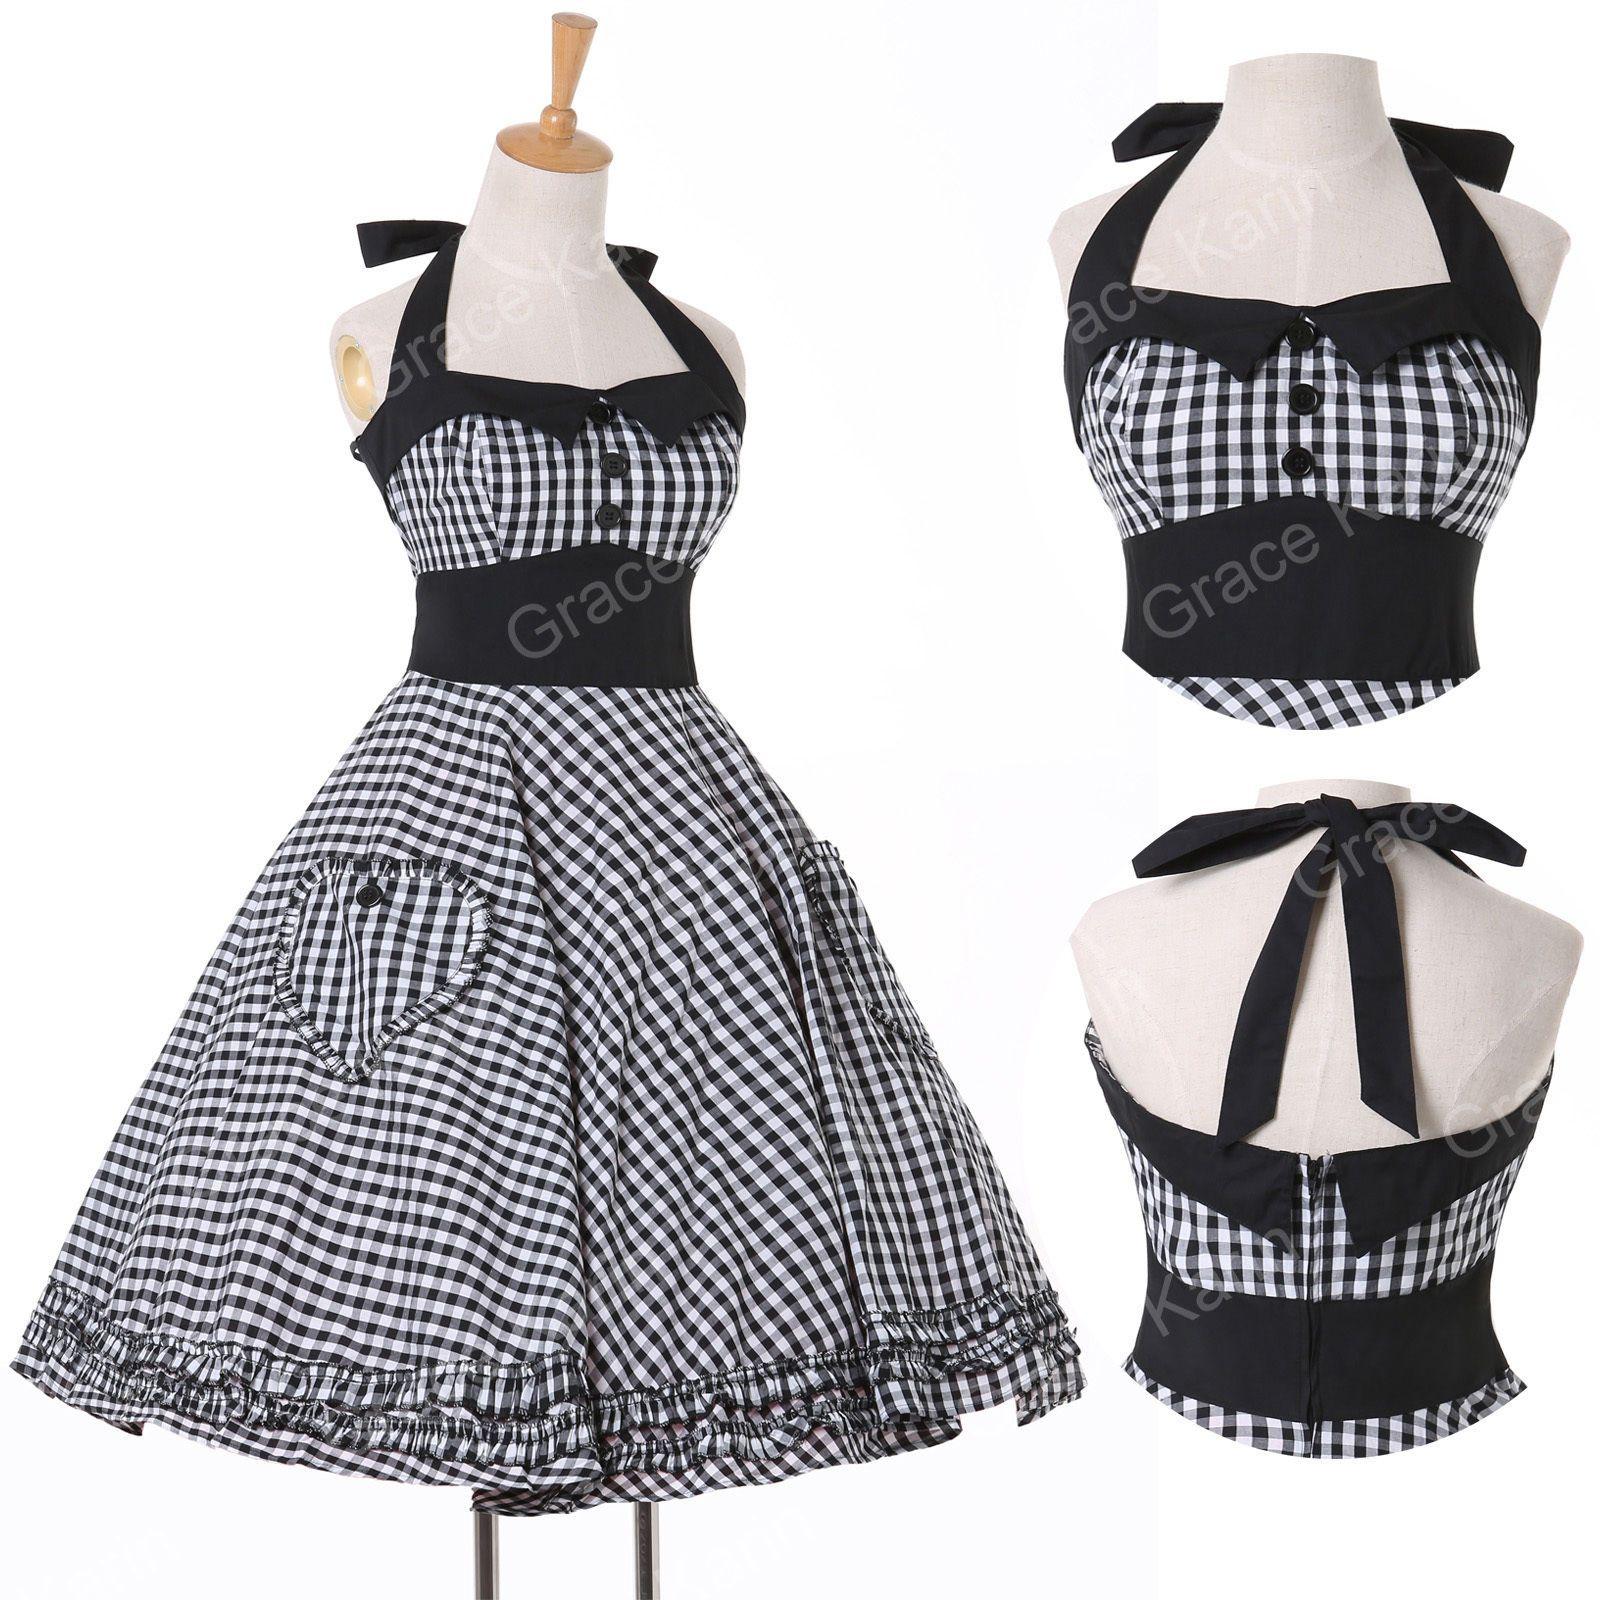 Vintage Année 50 à années 1950 rockabilly rétro année swing pin up robe de soirée ÉtÉ